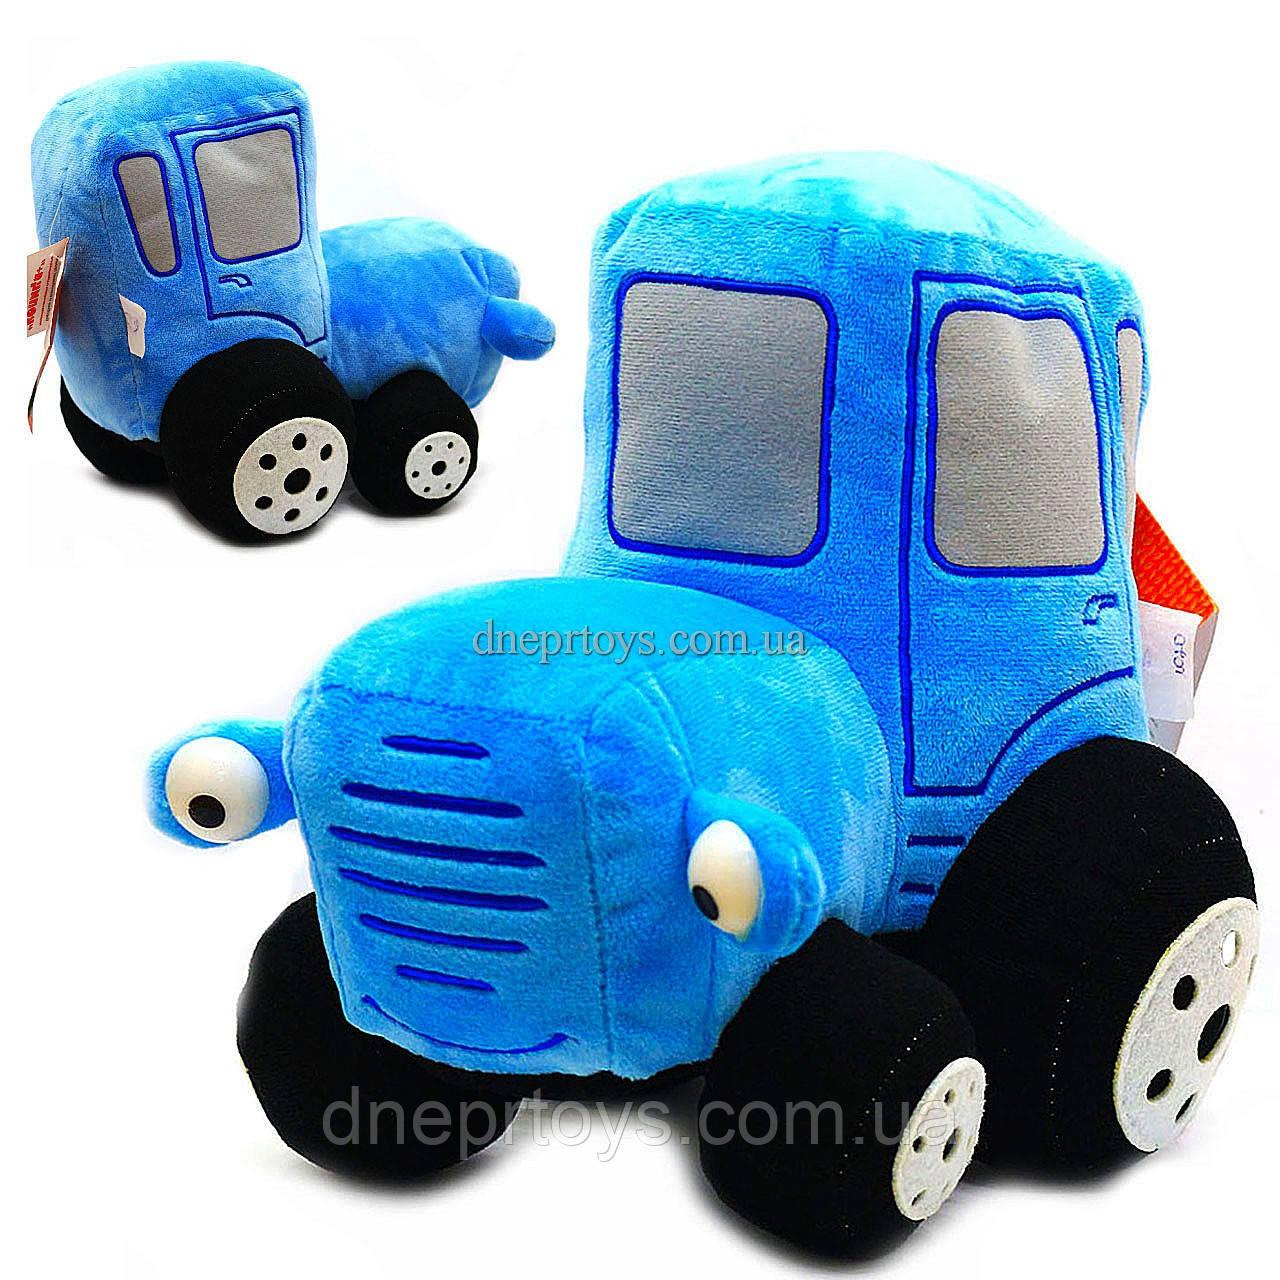 Мягкая игрушка «Синий трактор», 25х20х22 см (00663)